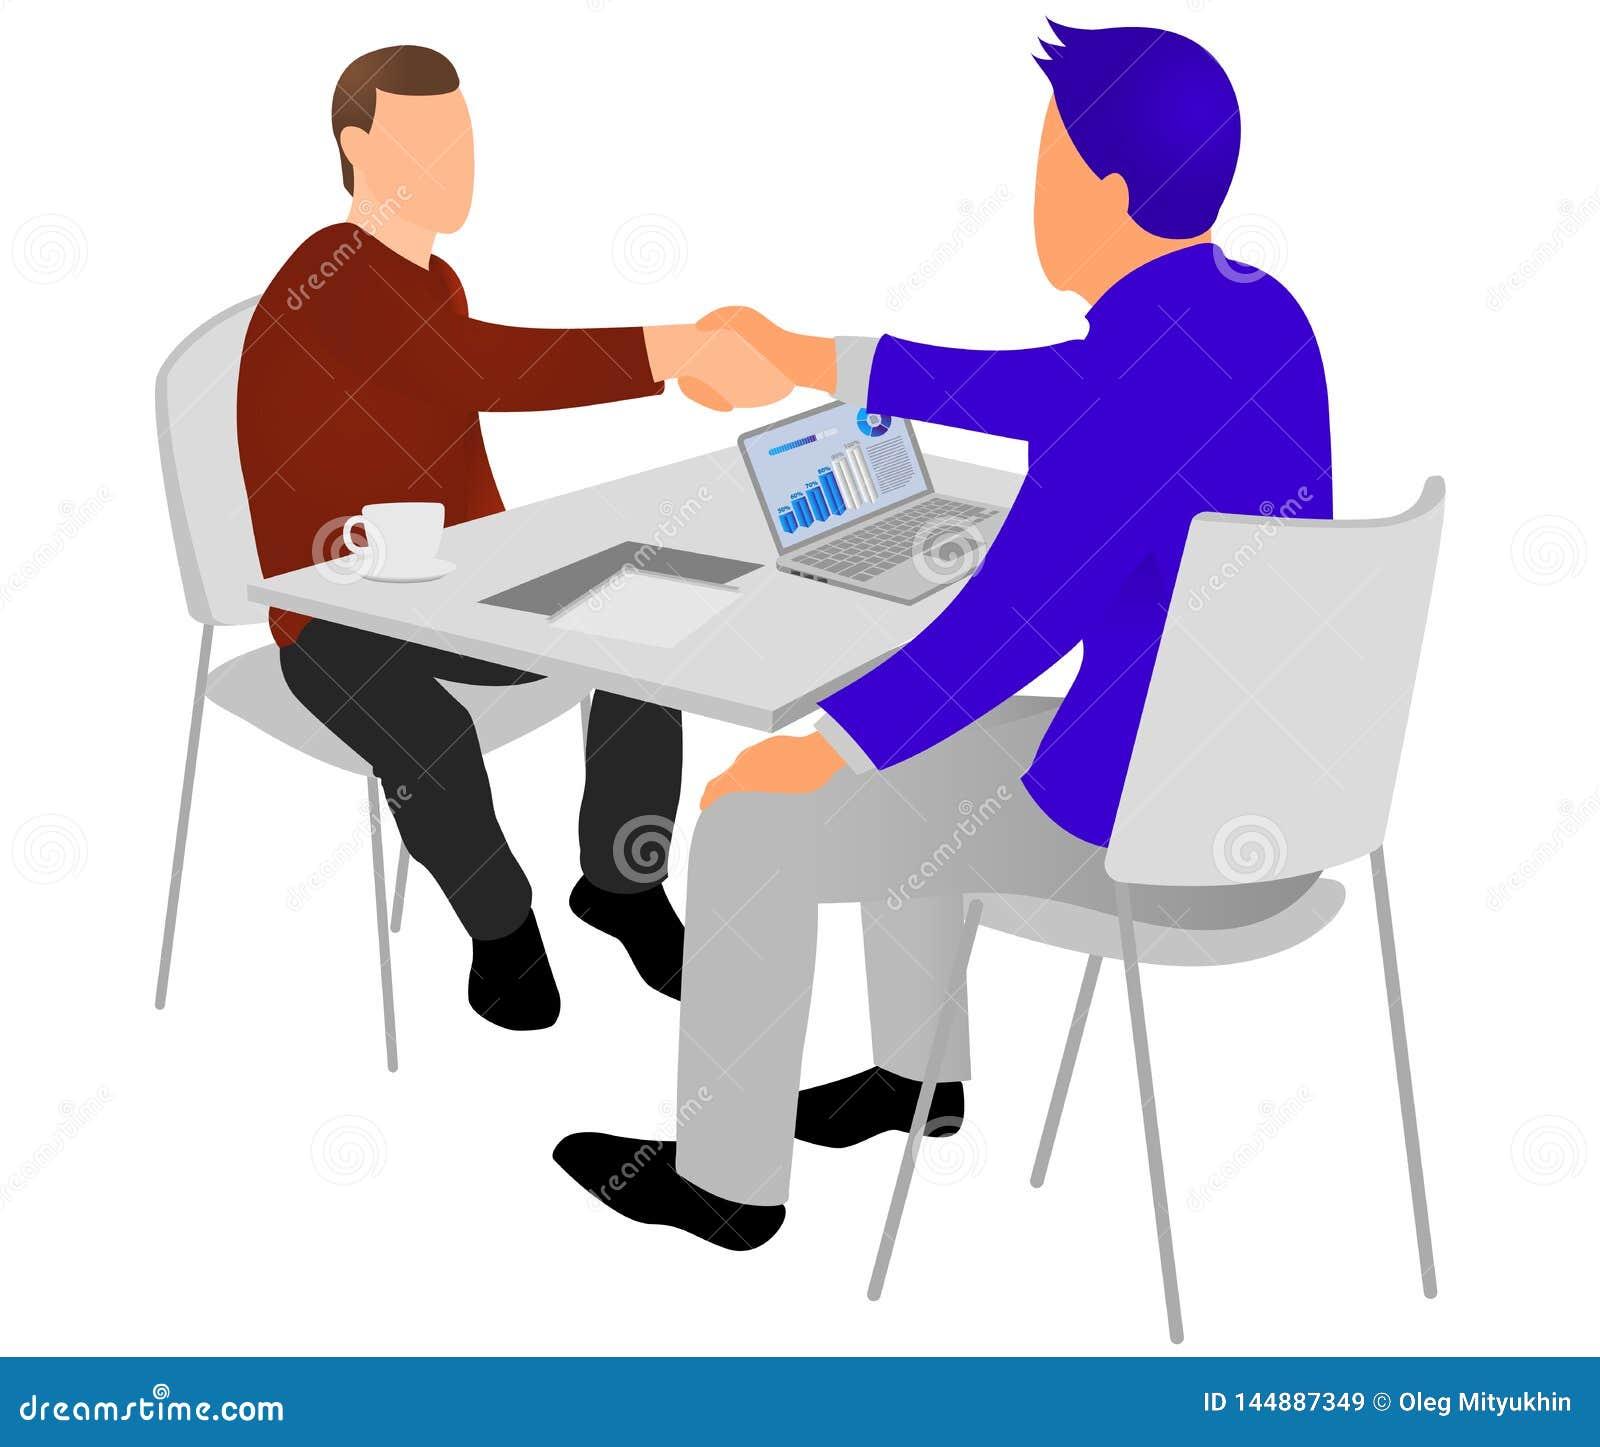 Apret?n de manos de los empresarios despu?s de la negociaci?n o de la entrevista en la oficina Concepto productivo de la sociedad